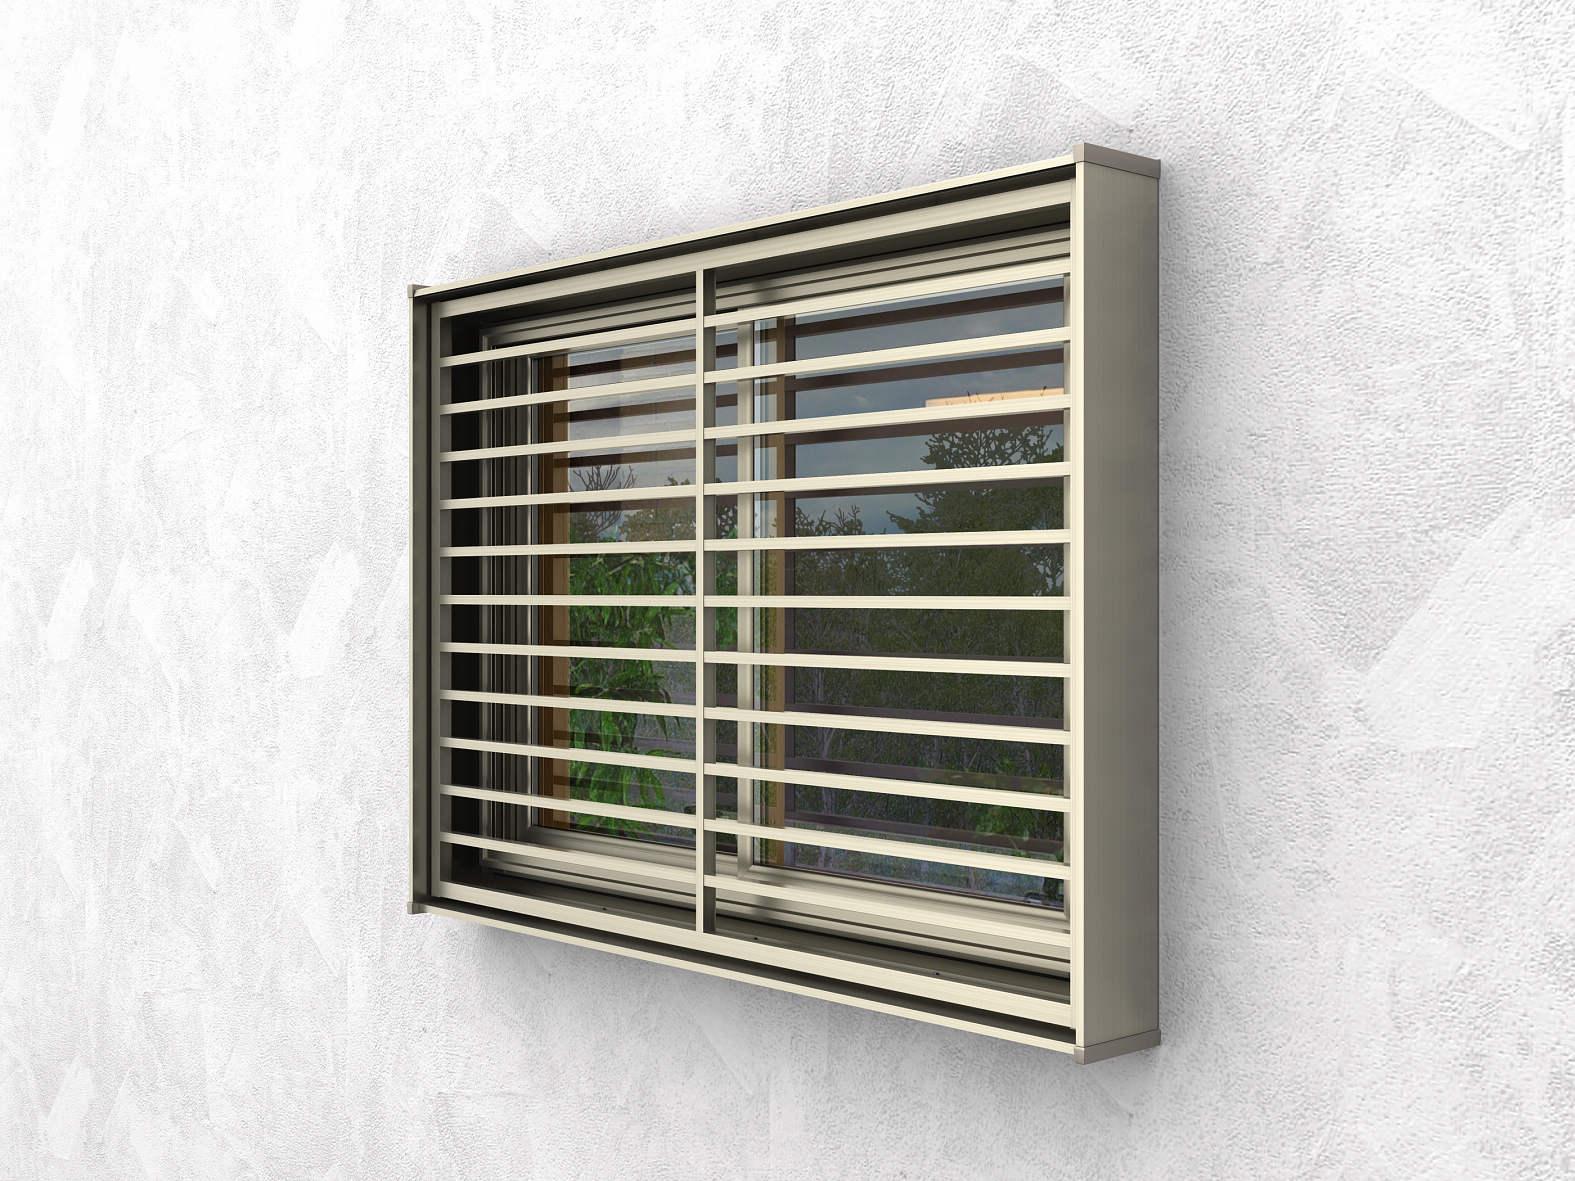 好きに 口の字[横格子] YKKAP窓まわり 面格子 アルミ色:[幅1340mm×高532mm]:ノース&ウエスト キューブシェード-木材・建築資材・設備